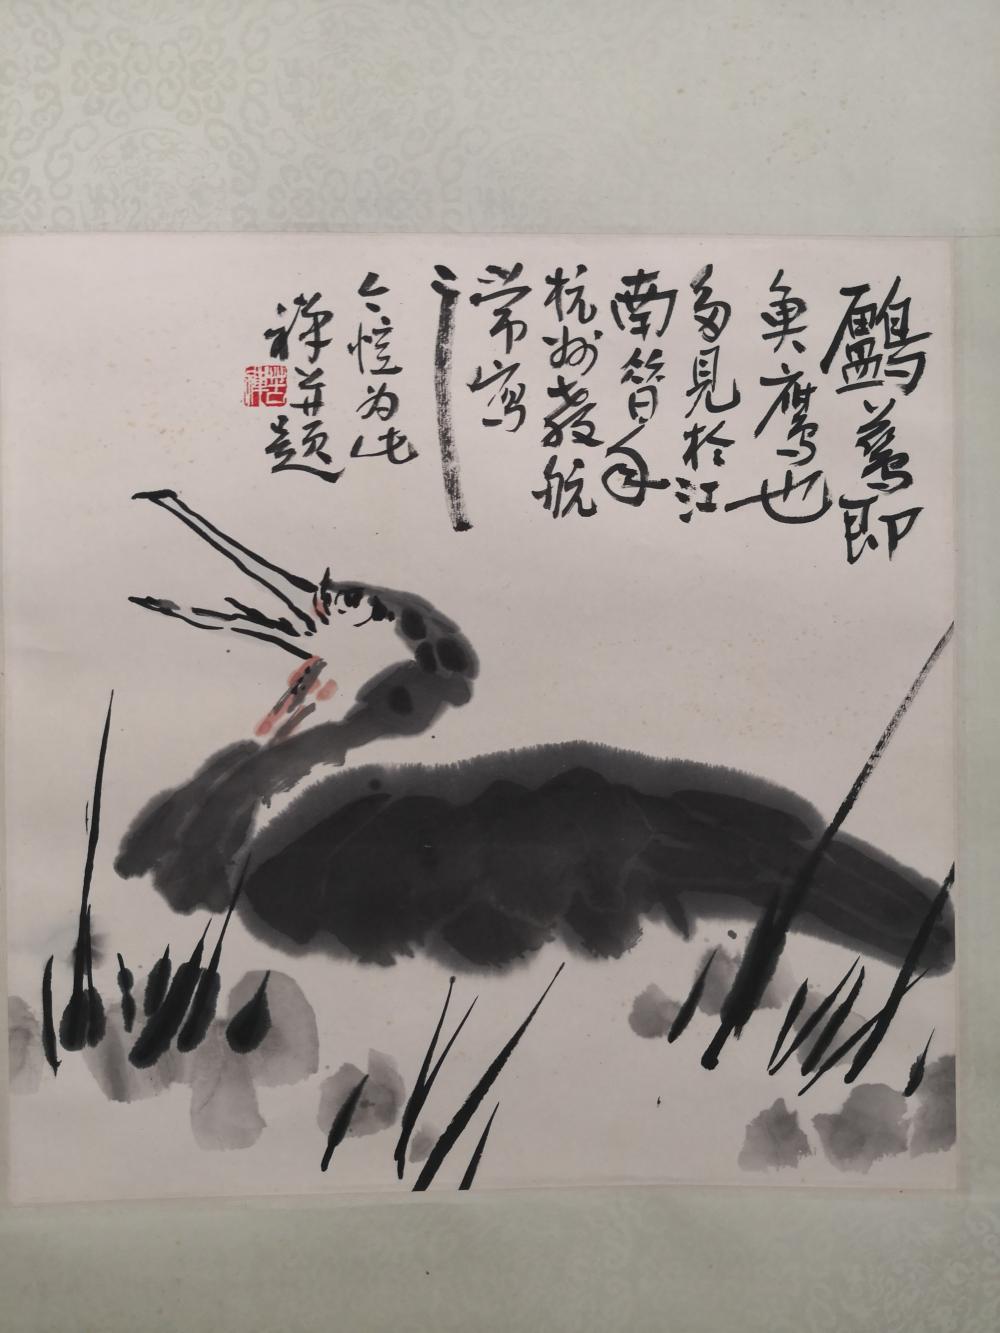 A CHINESE PAINTING BY LI KUCHAN